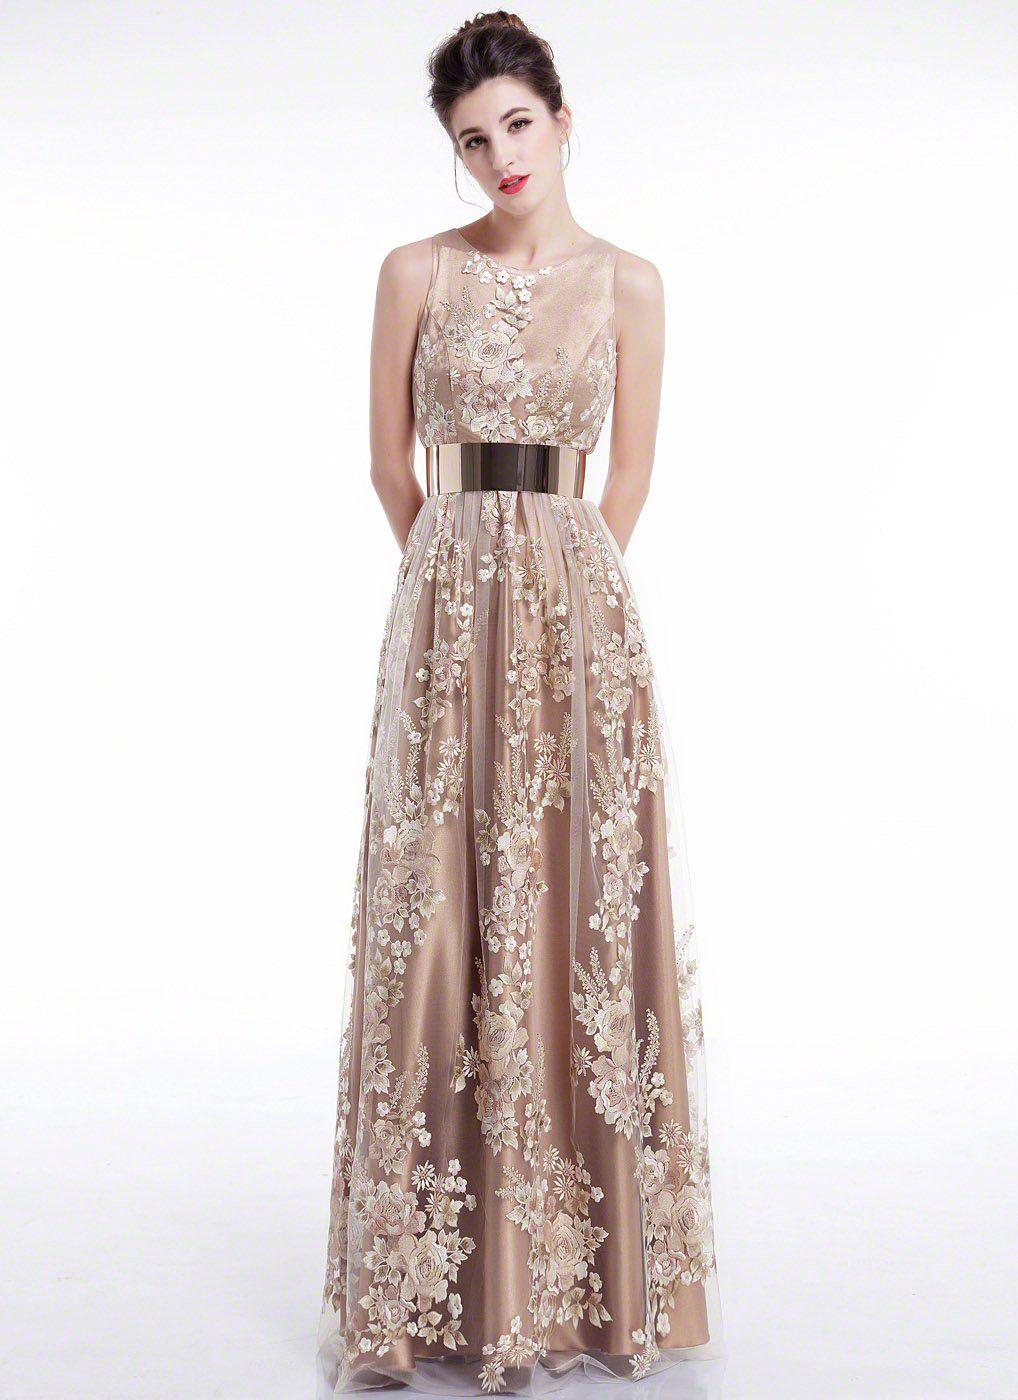 Hem Length for Formal Dresses